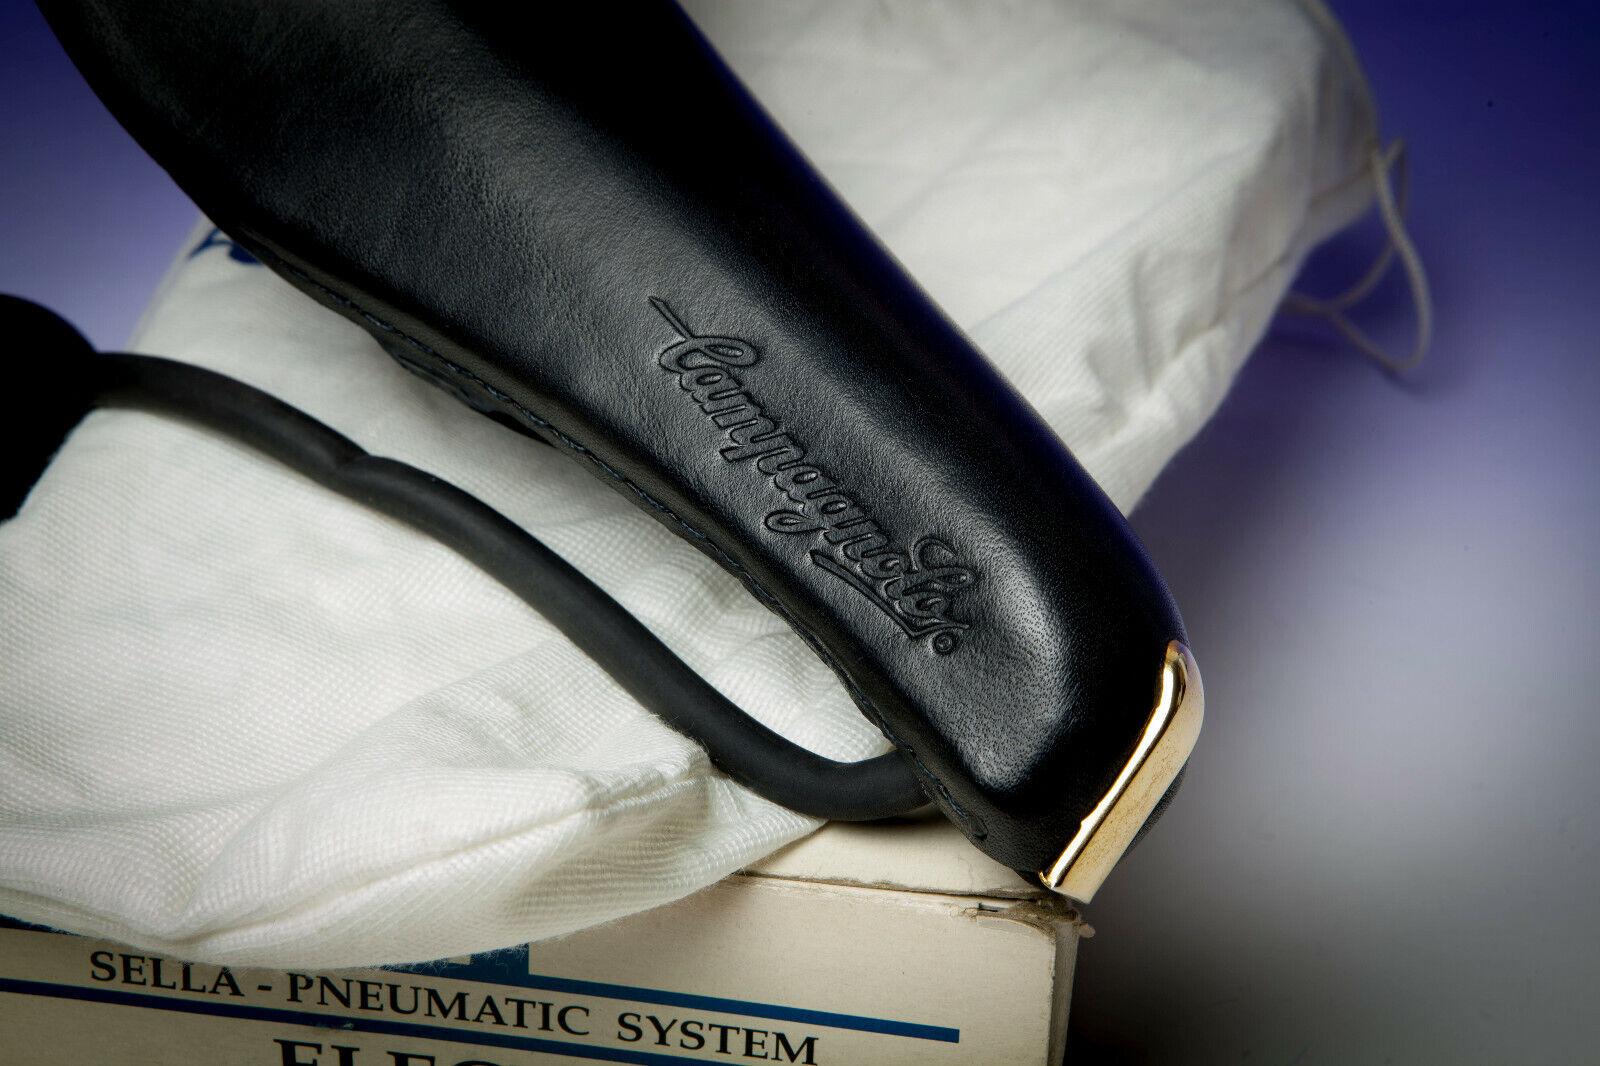 Sella Campagnolo Eleta pneumatisch systeem zadel NOS NIEUW IN BOX